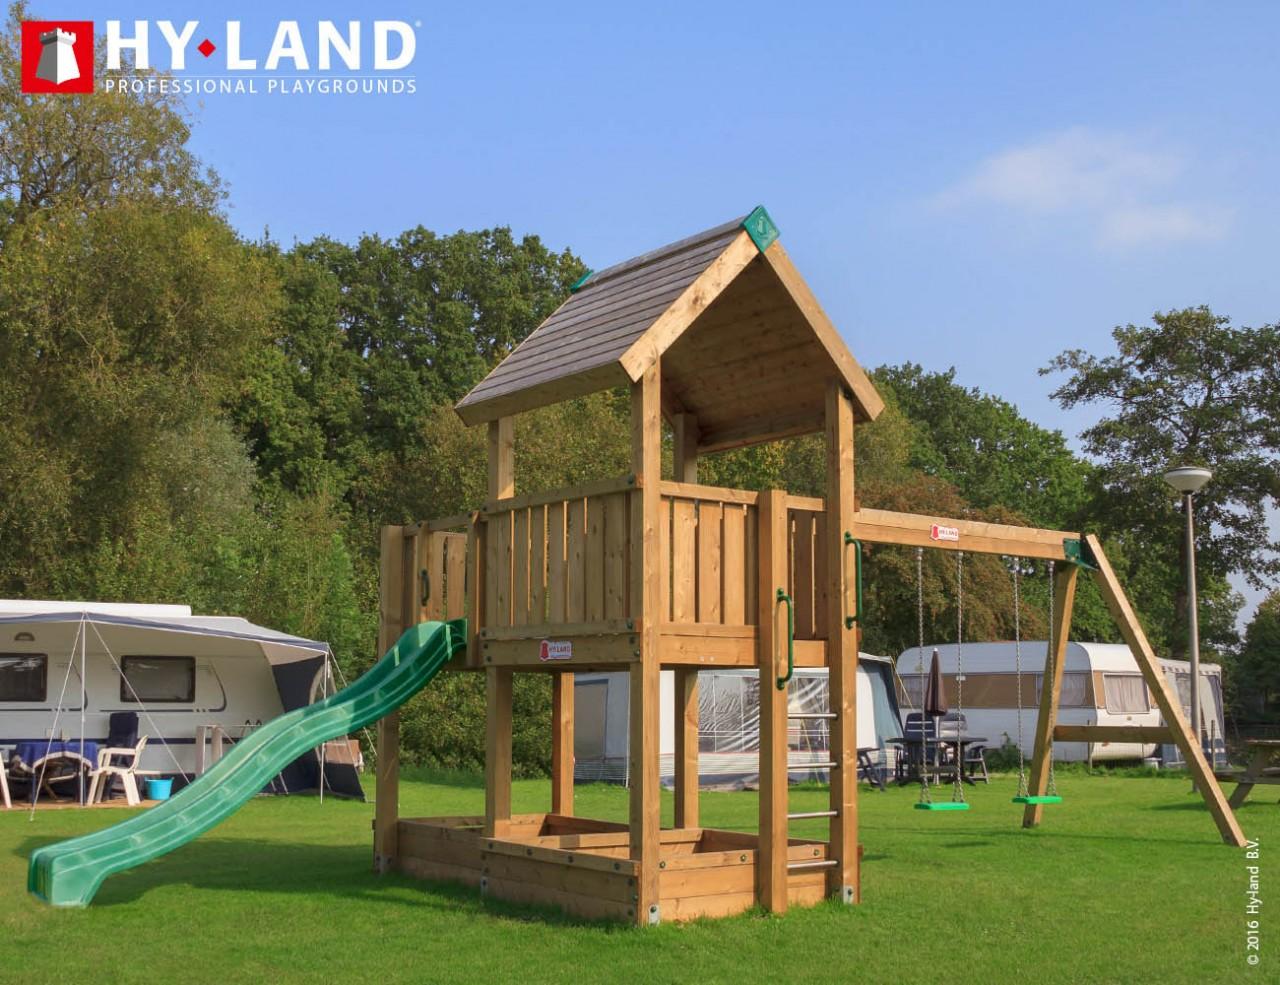 Spielturm Hy-Land P3-S